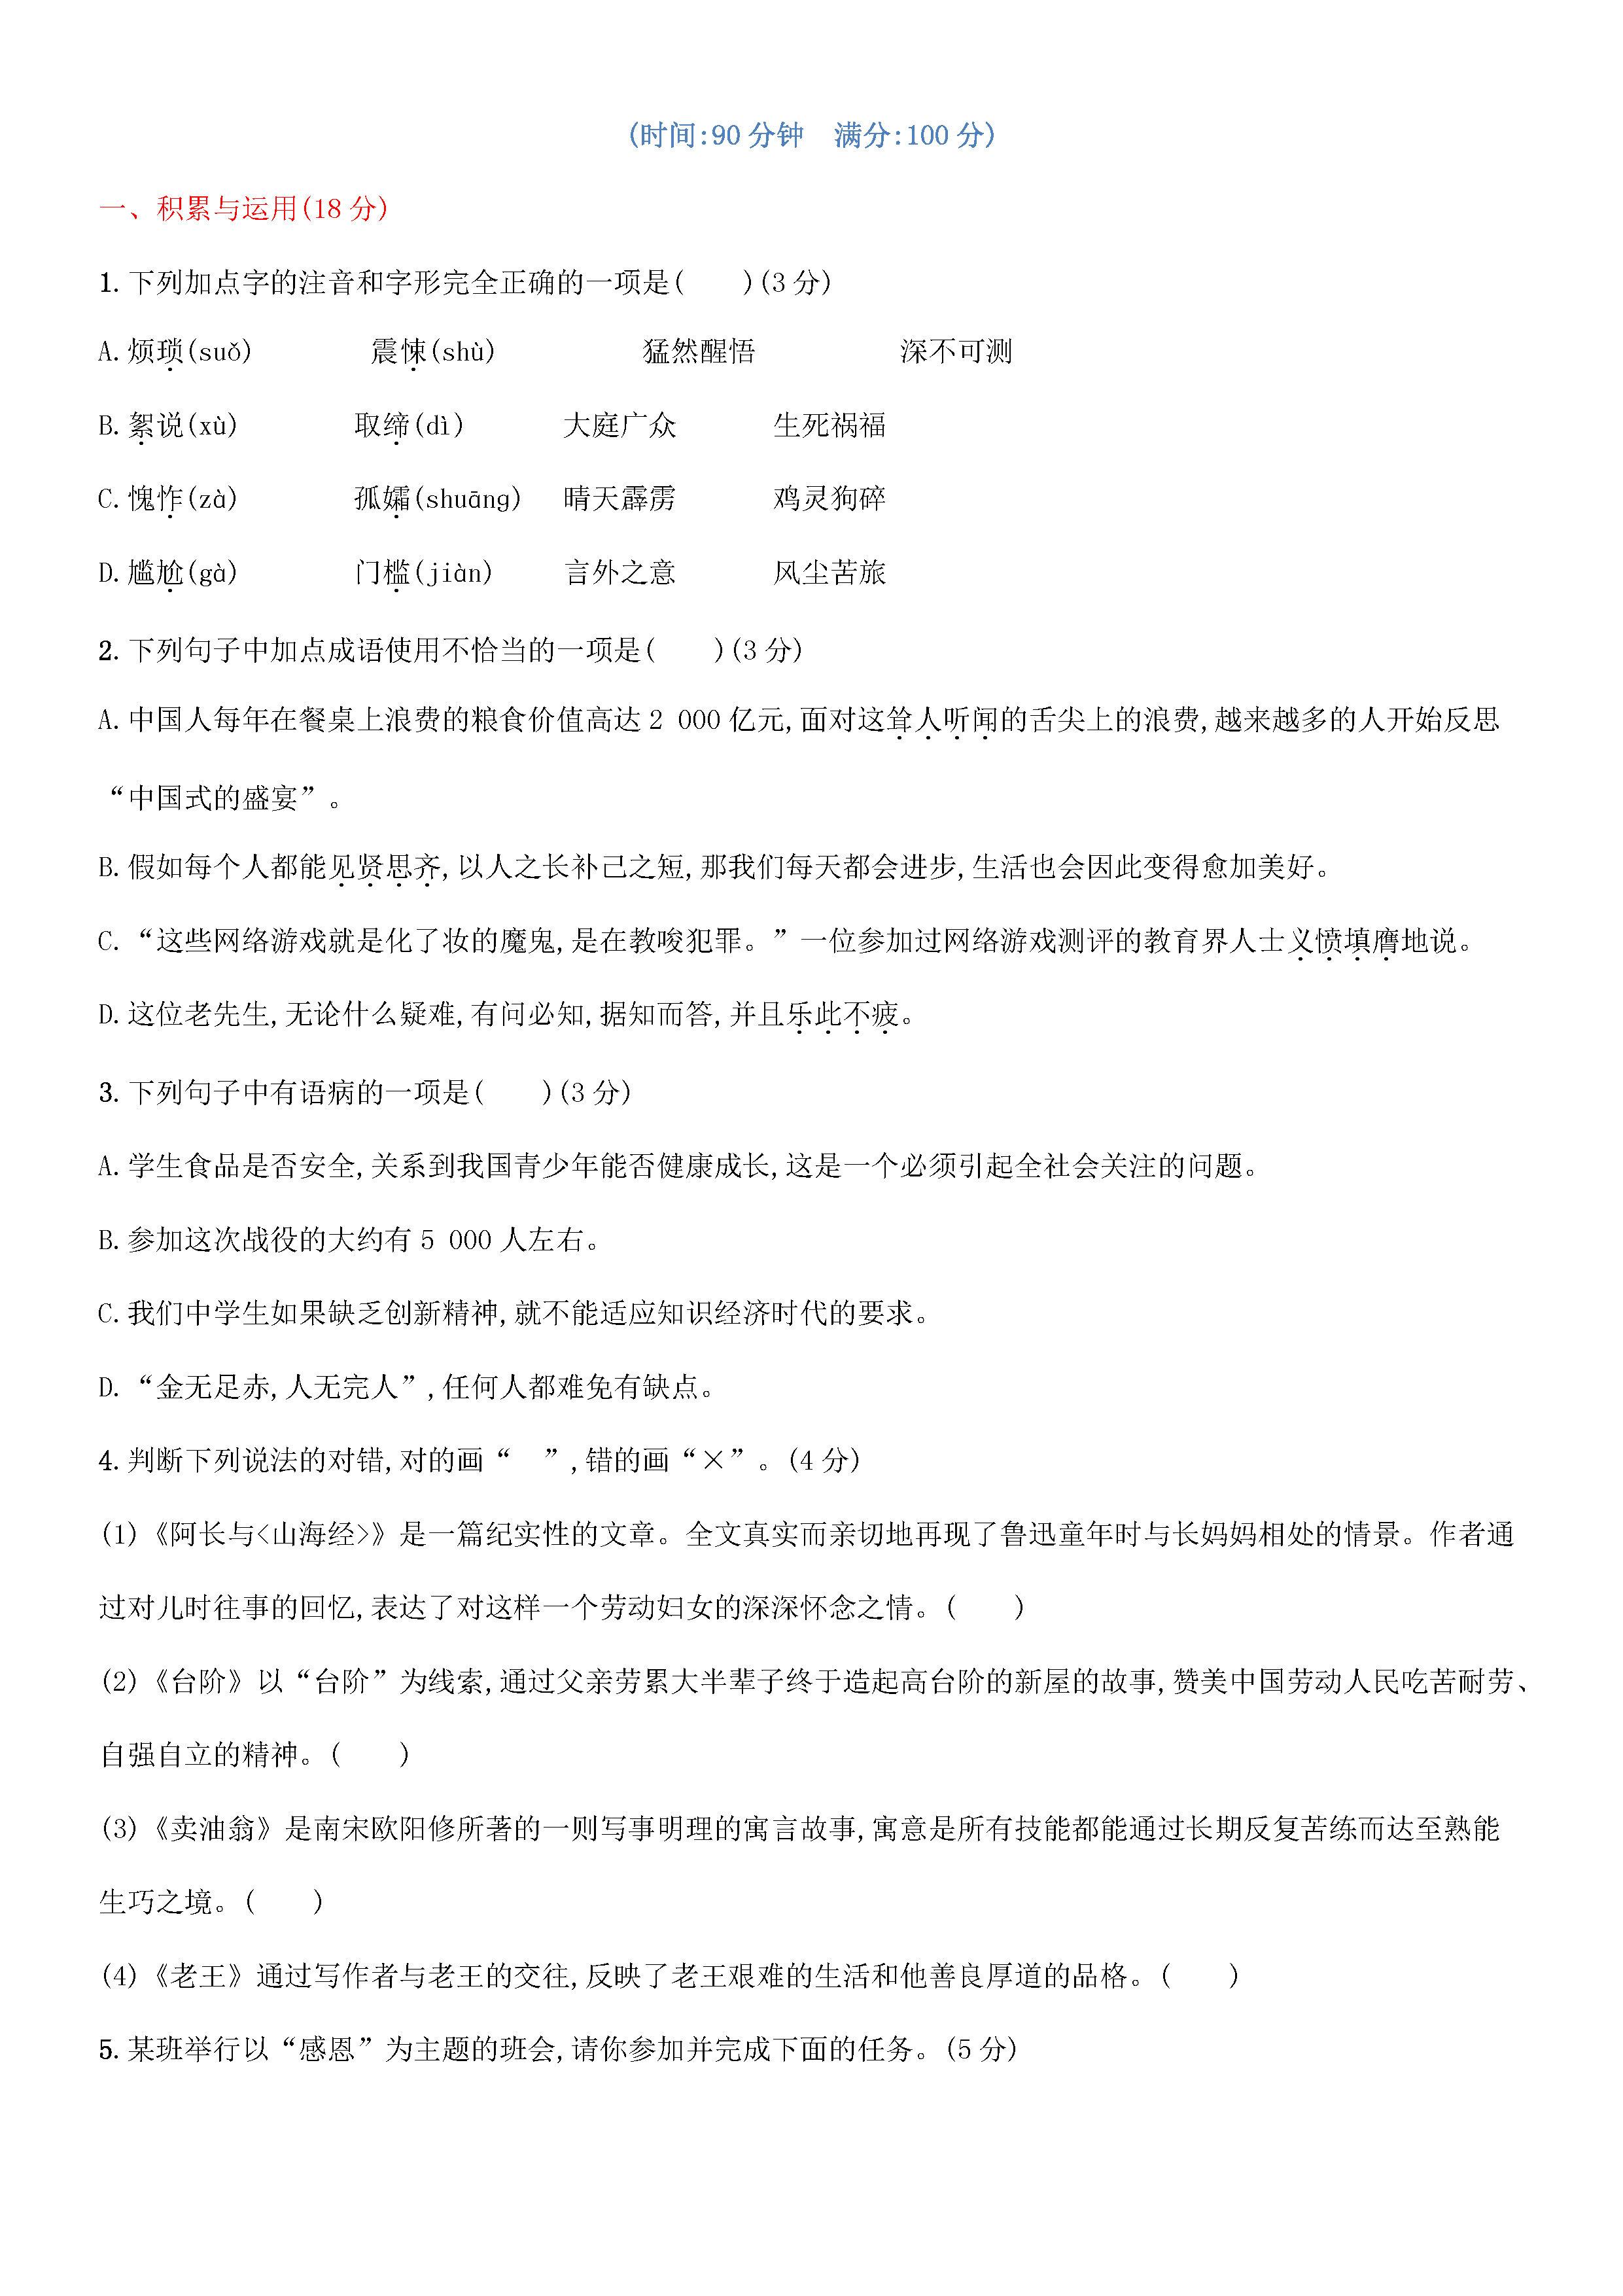 2018-2019七年级语文下册期末测试题含答案(人教版)